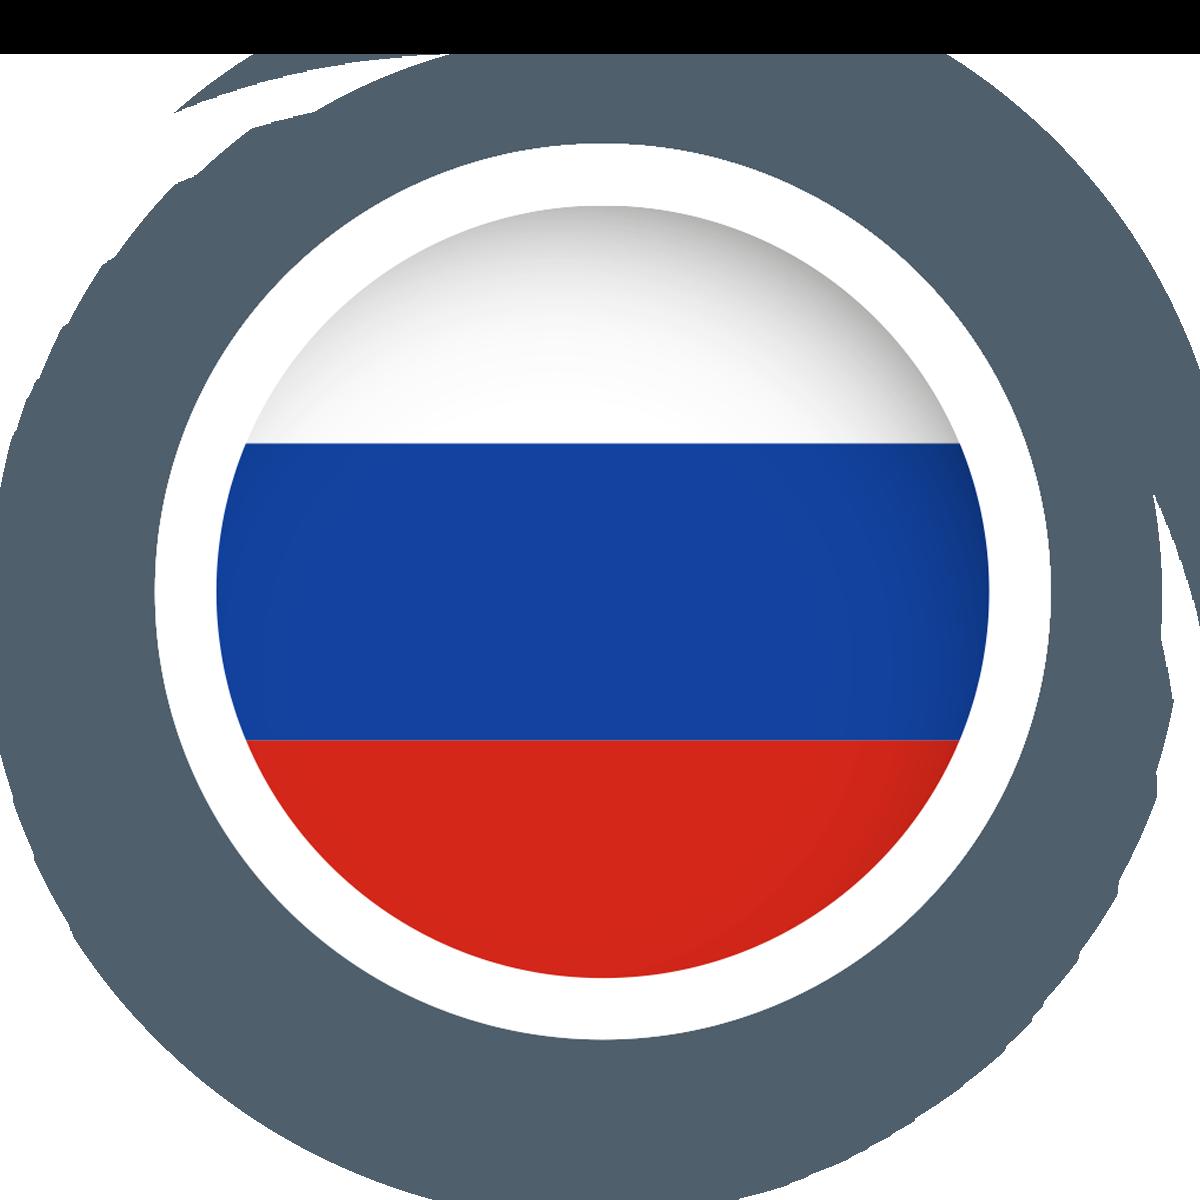 Diğer Yabancı Dil Eğitimleri - Rusca kategori - Amerikan Dili Edebiyatı Yabancı Dil Kursları -